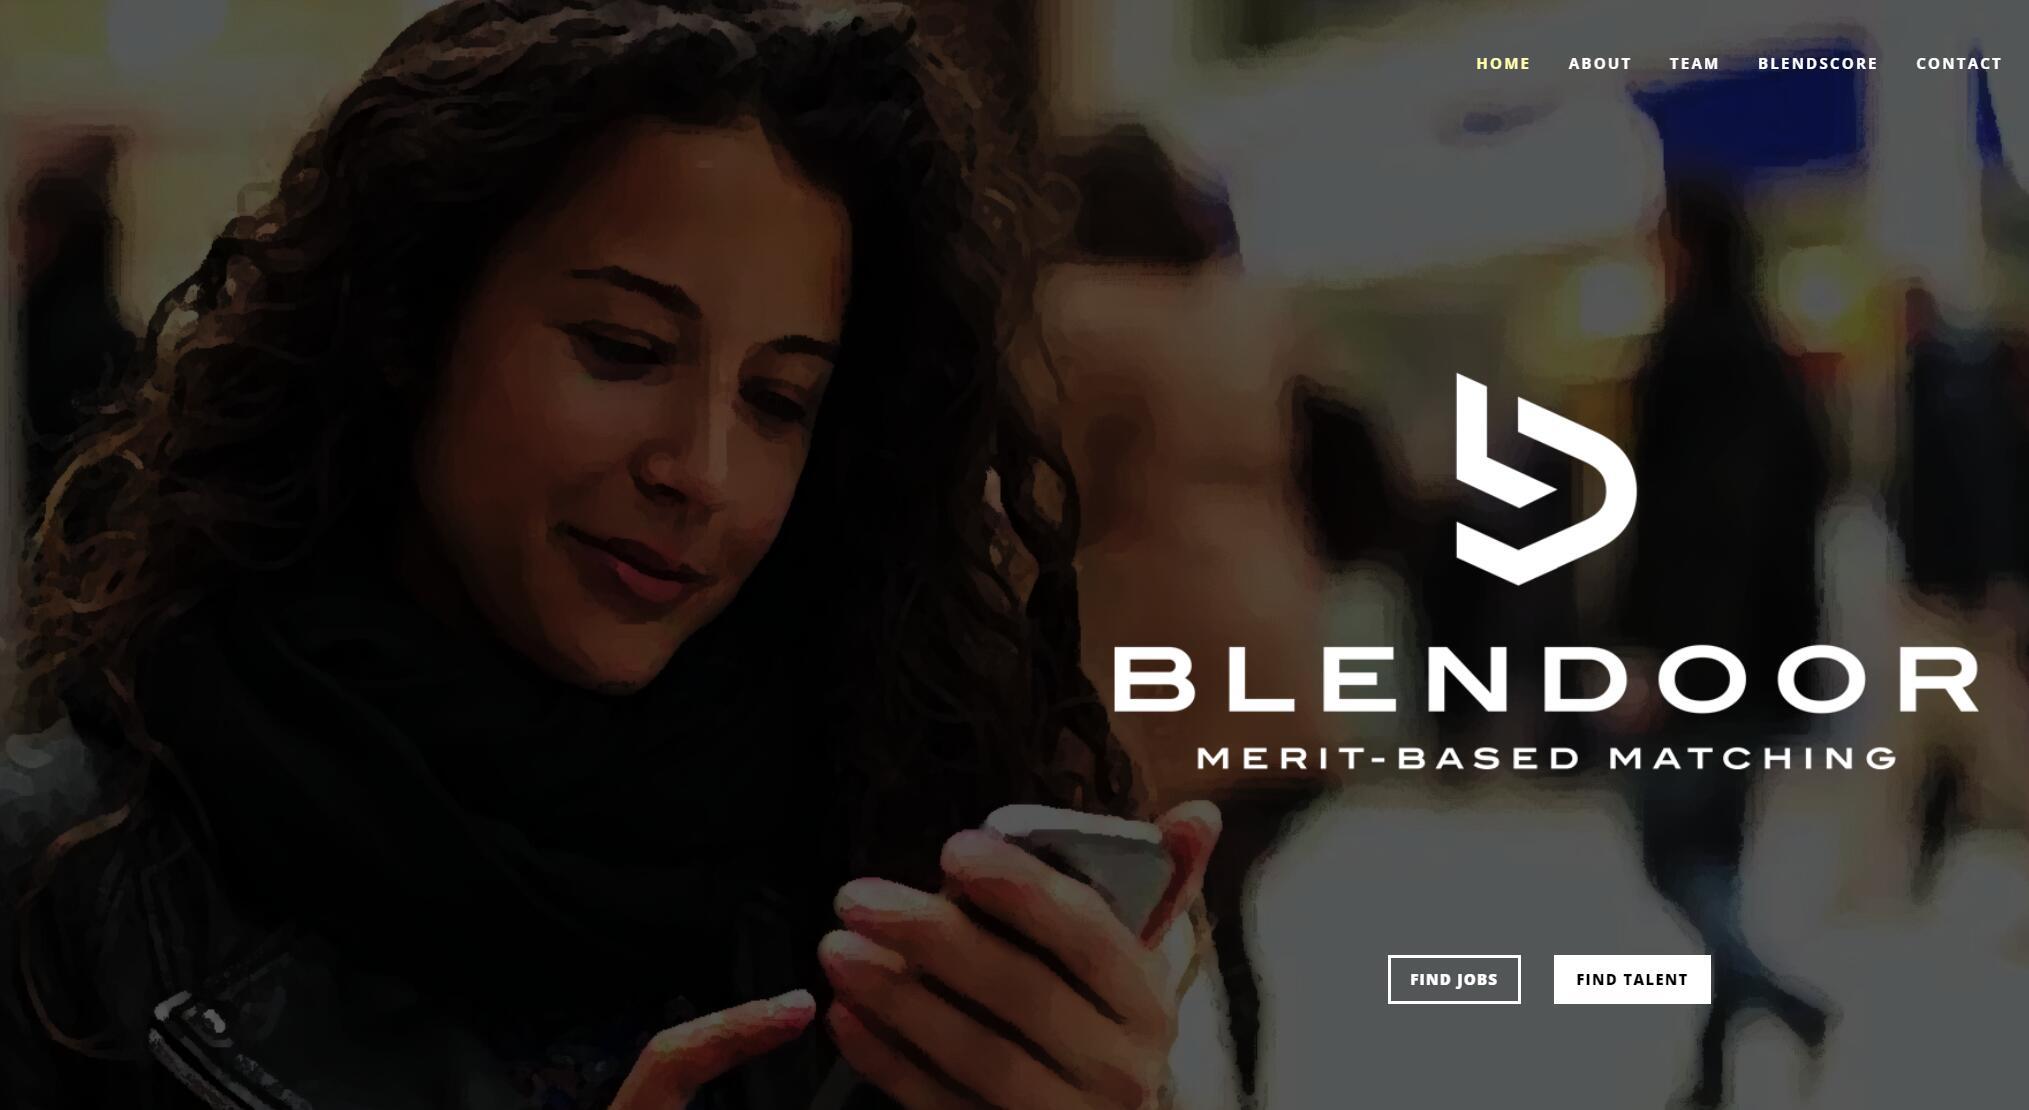 Blendoor 一家新的招聘与人员分析软件减少招聘的偏见,入选SAP.IO 孵化器